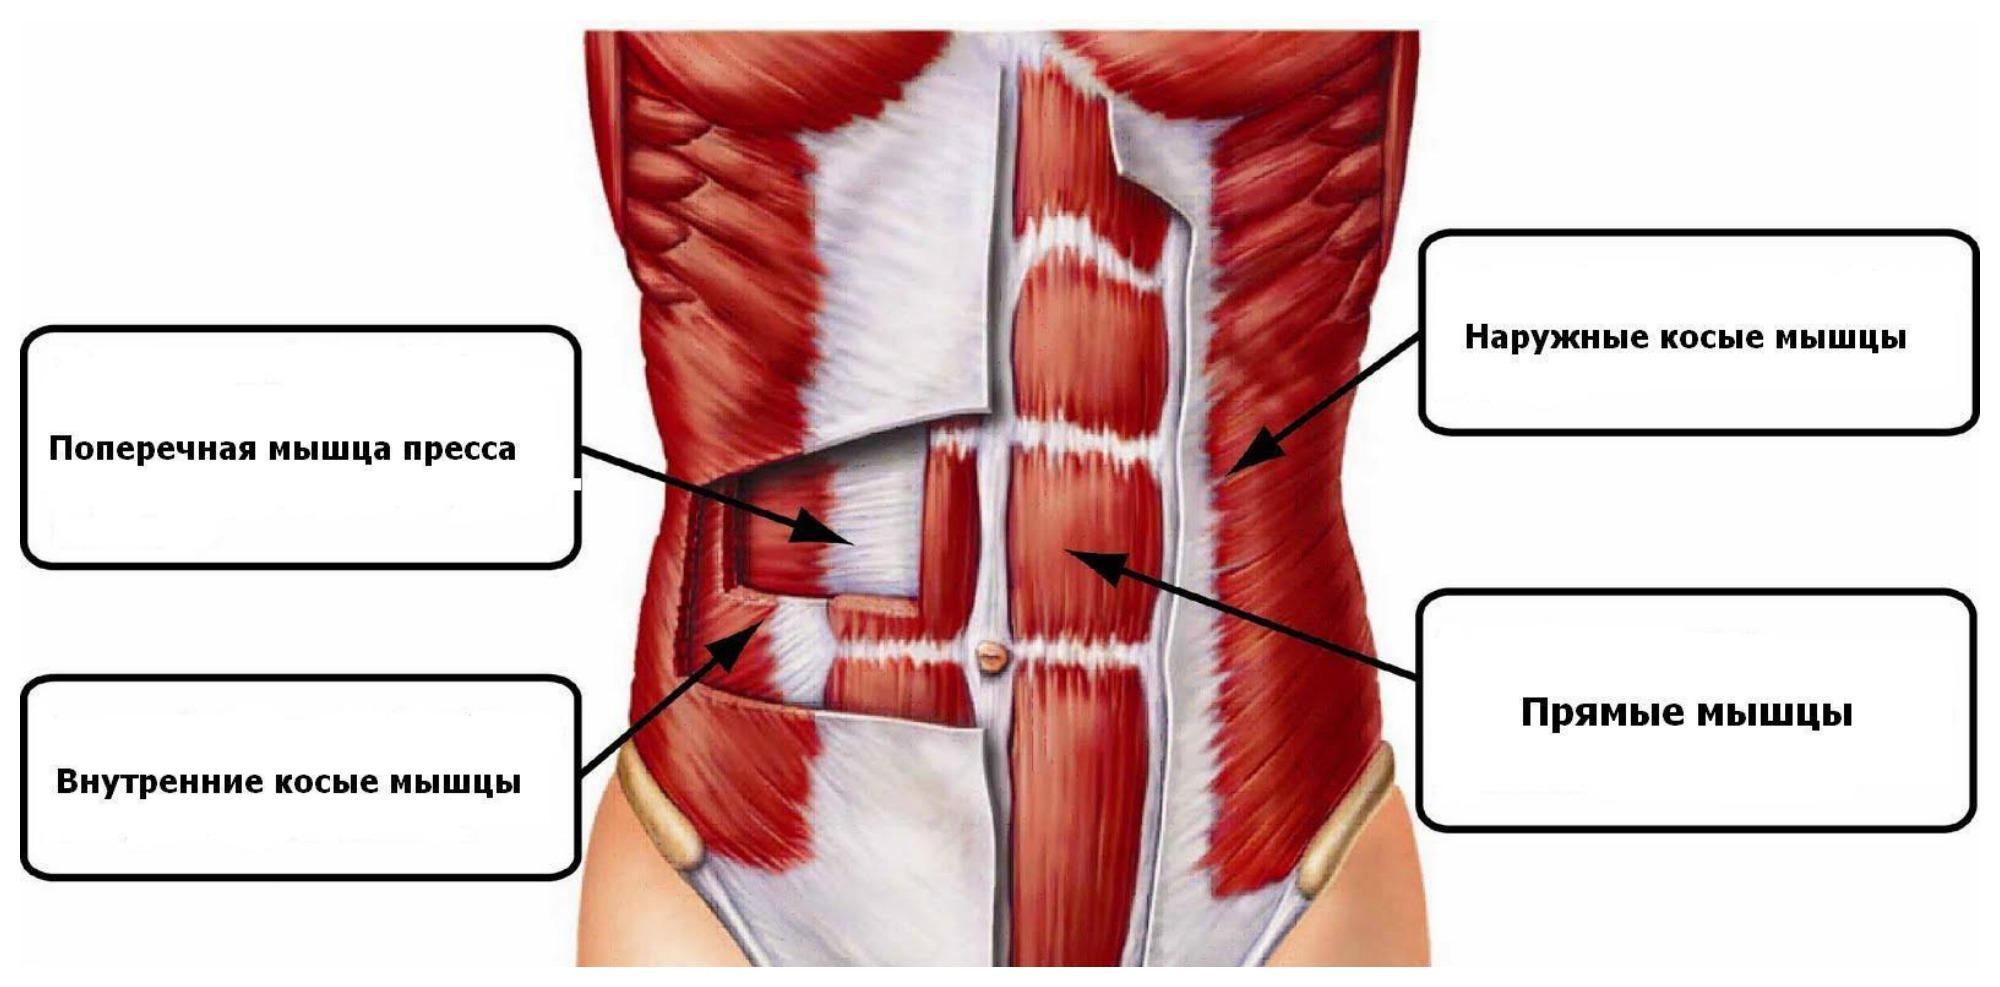 мышцы косые узкая талия